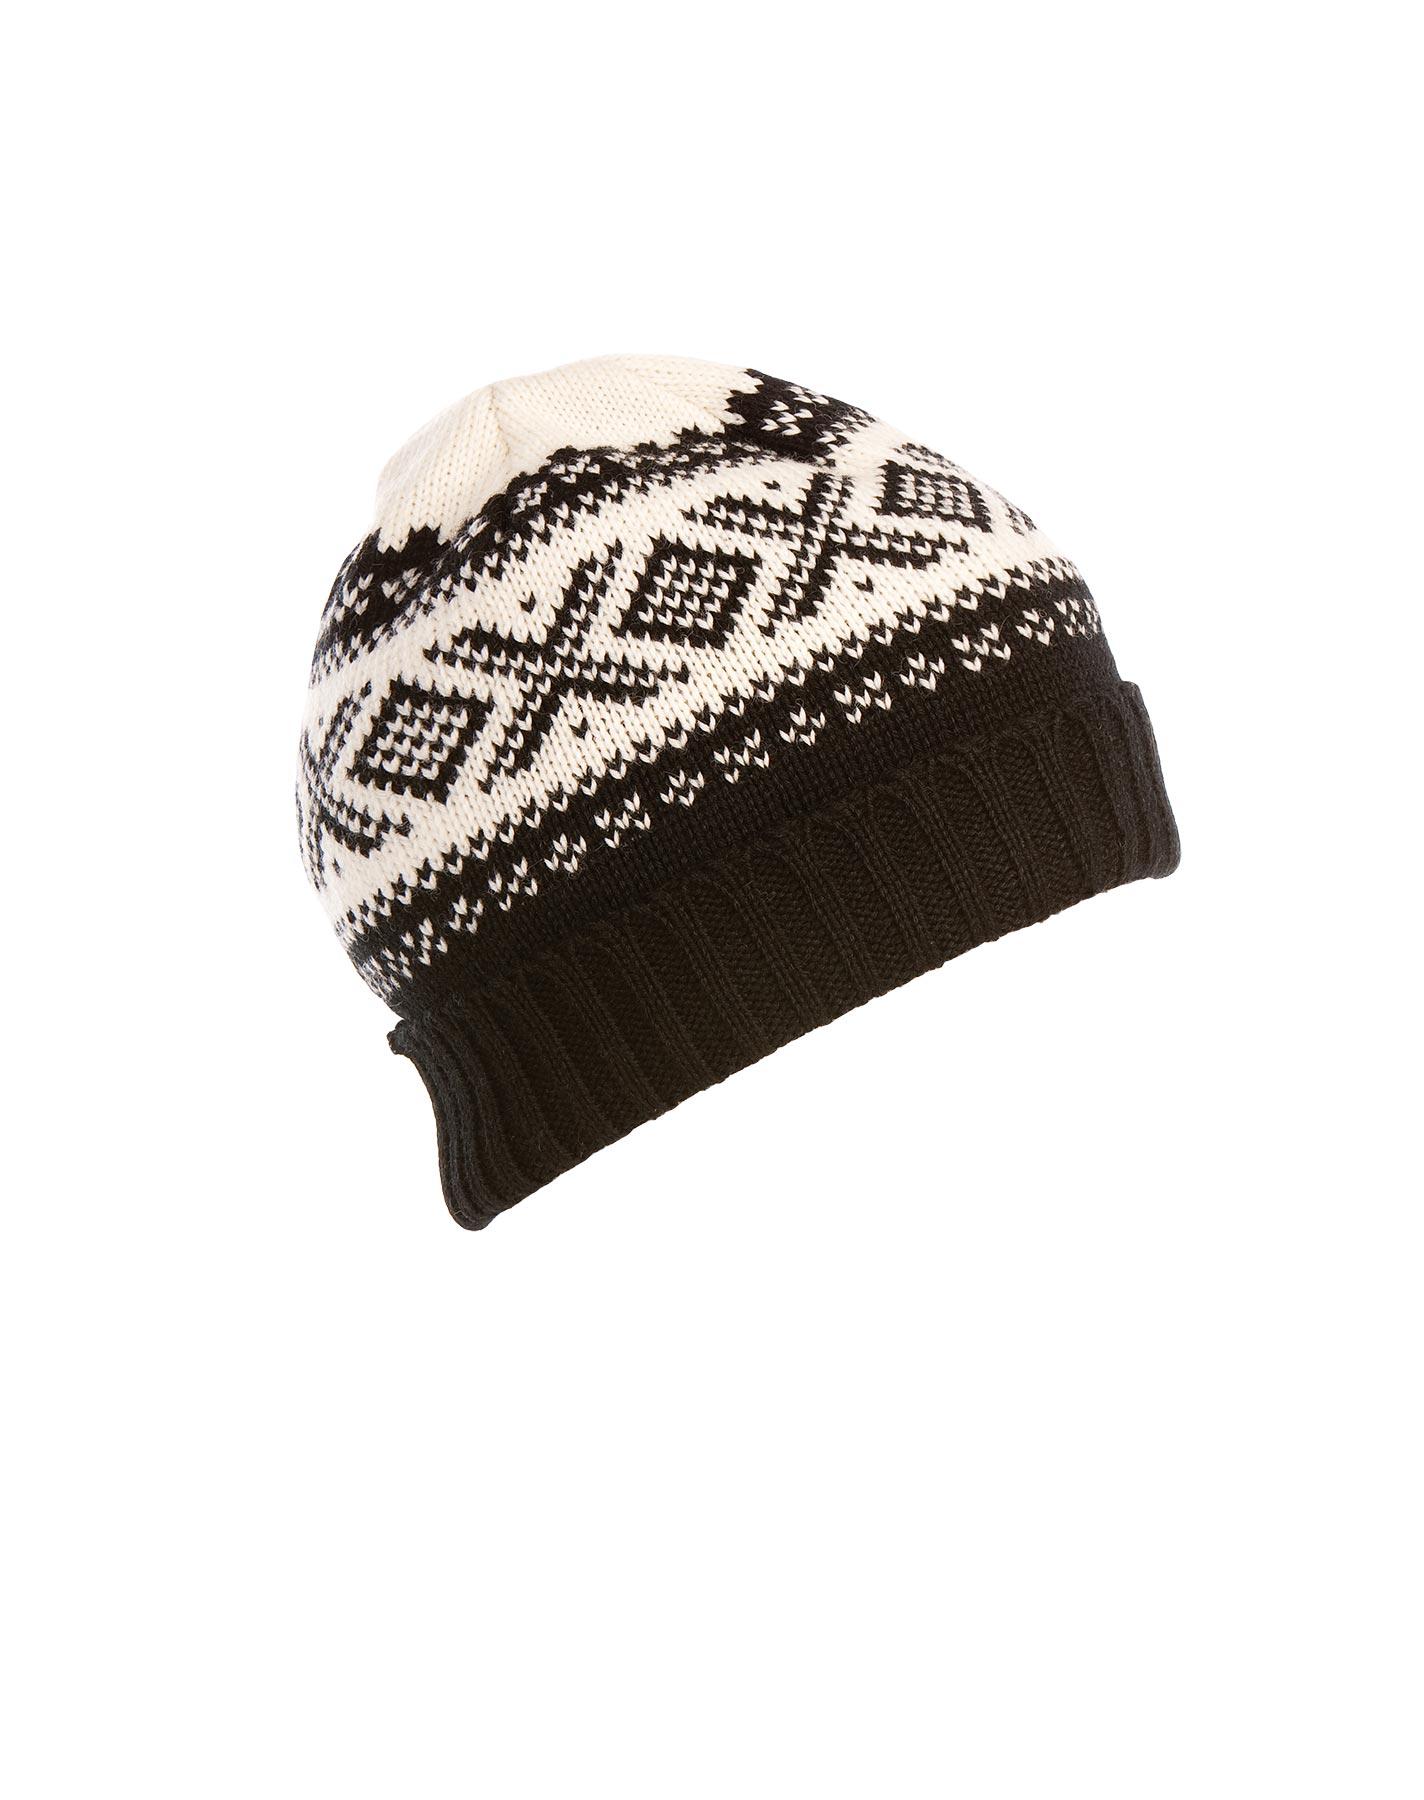 Cortina 1956 Hat